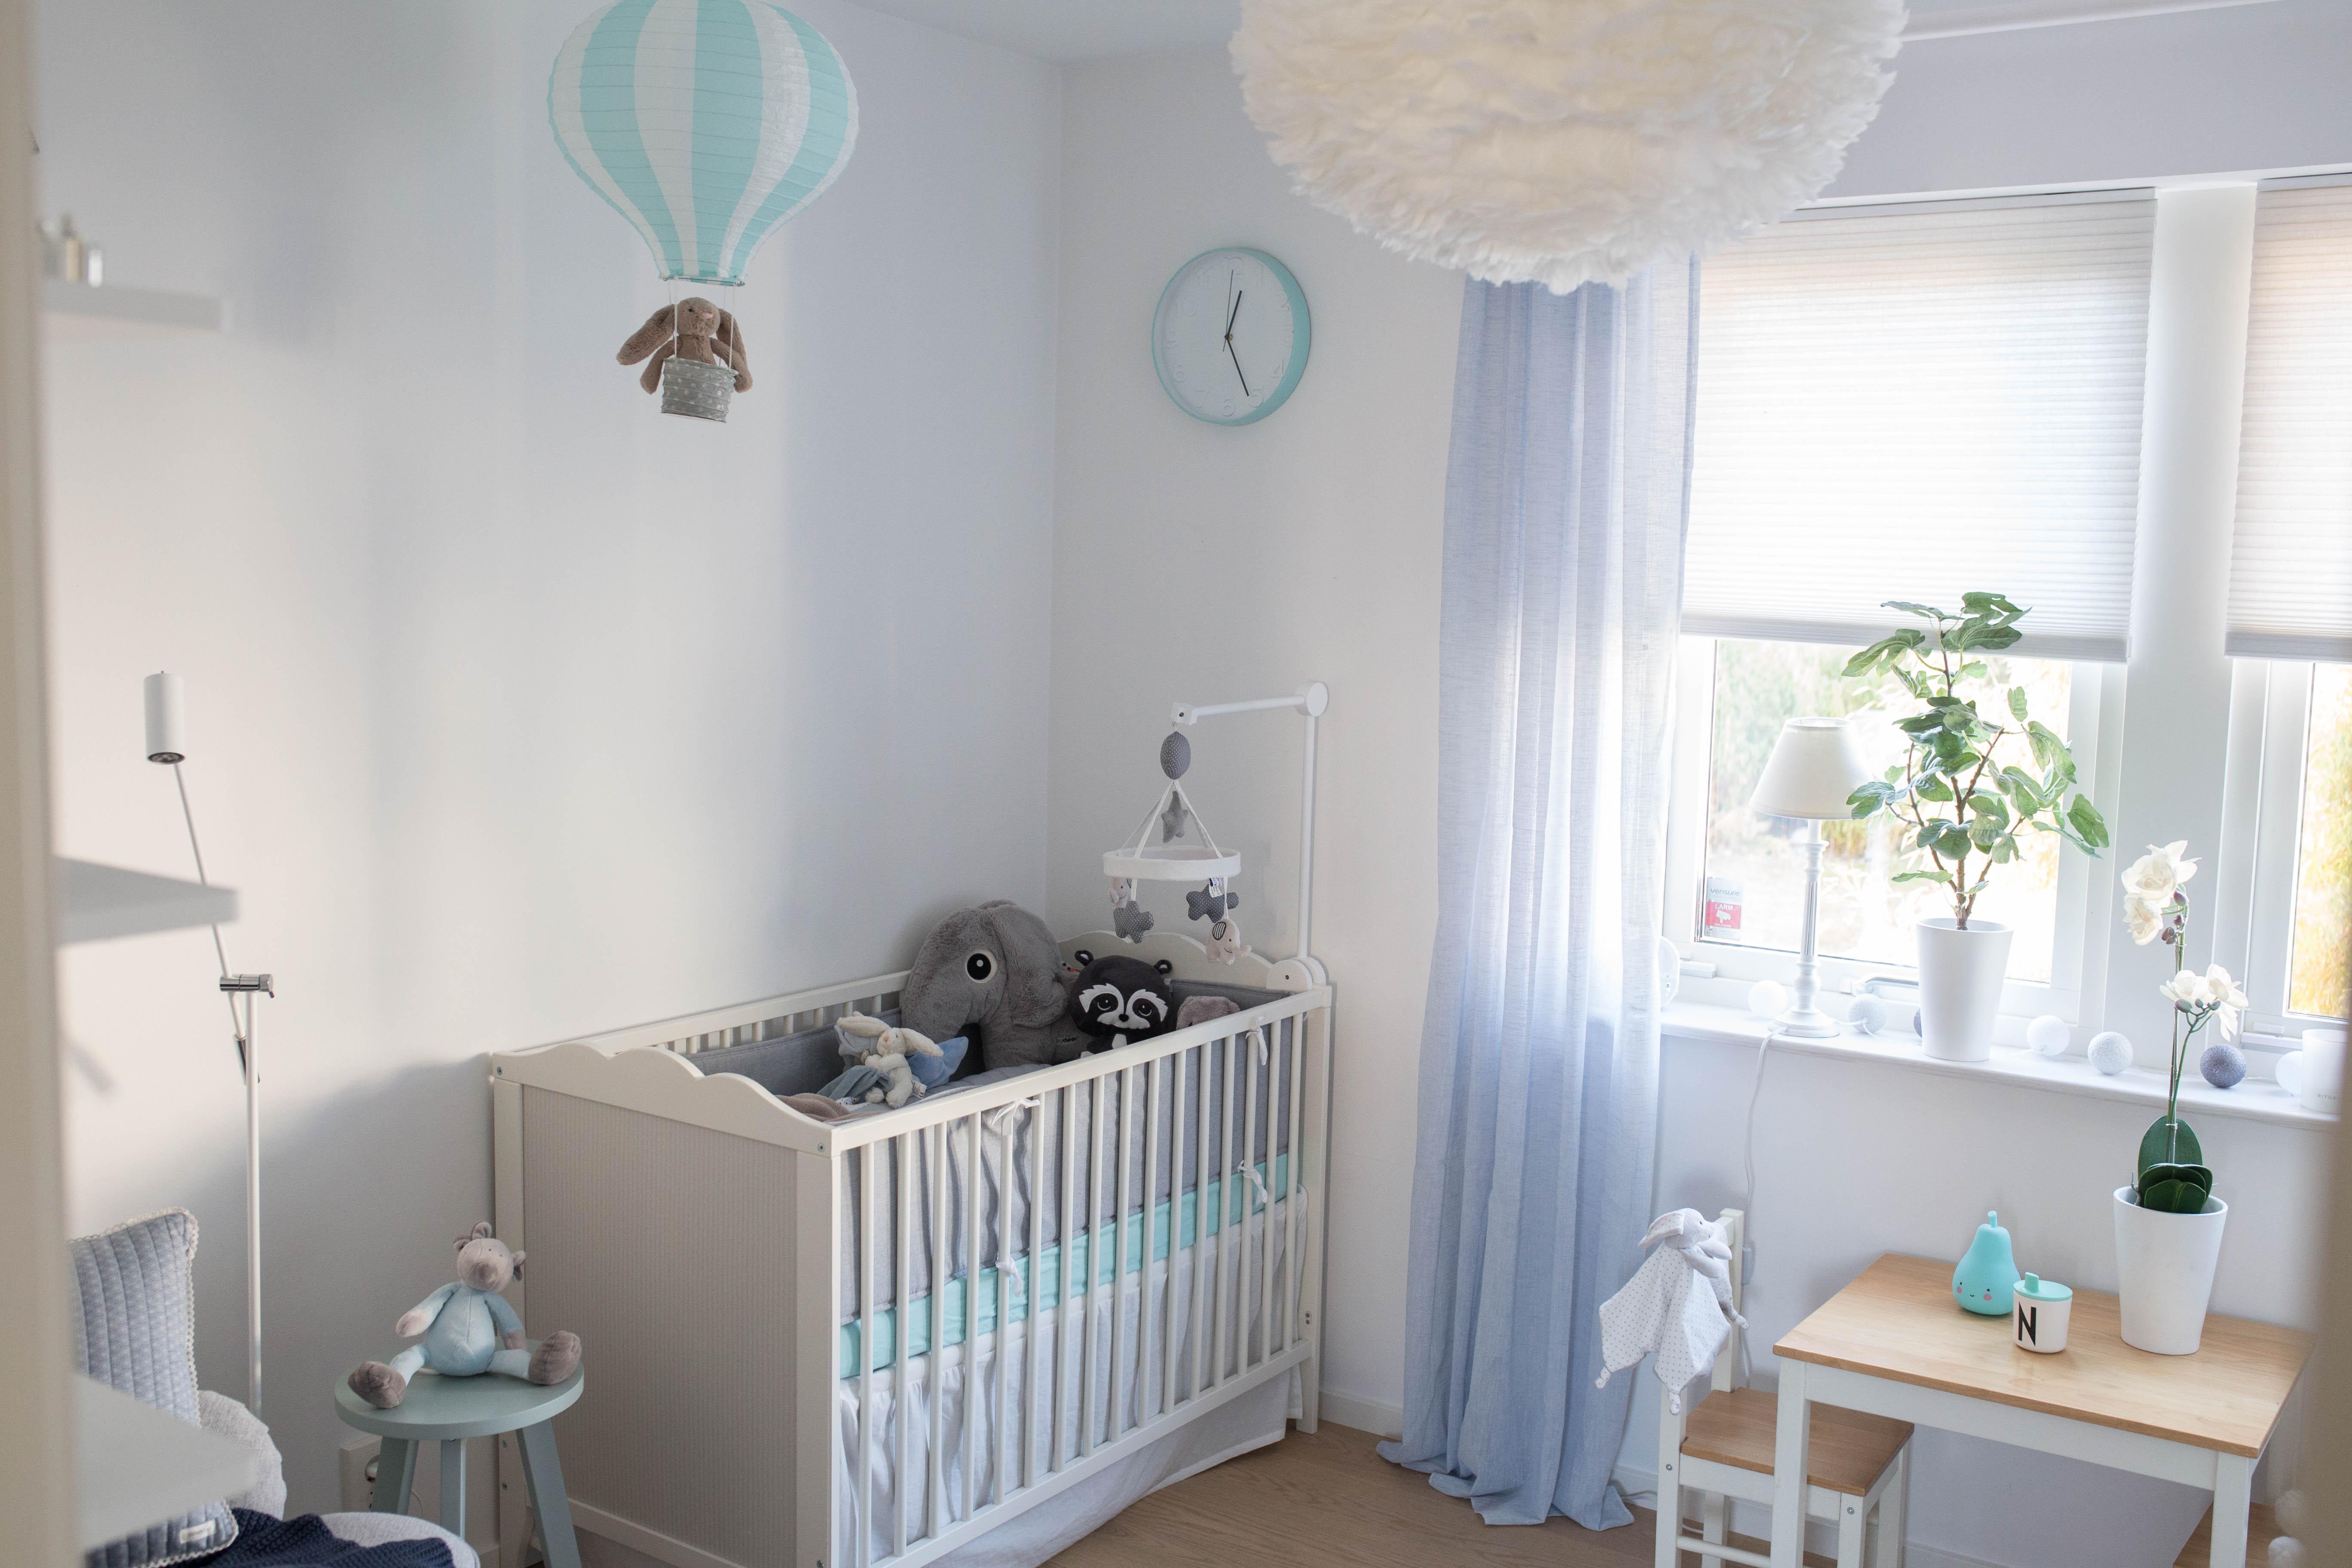 Nya lampor till barnrummet!